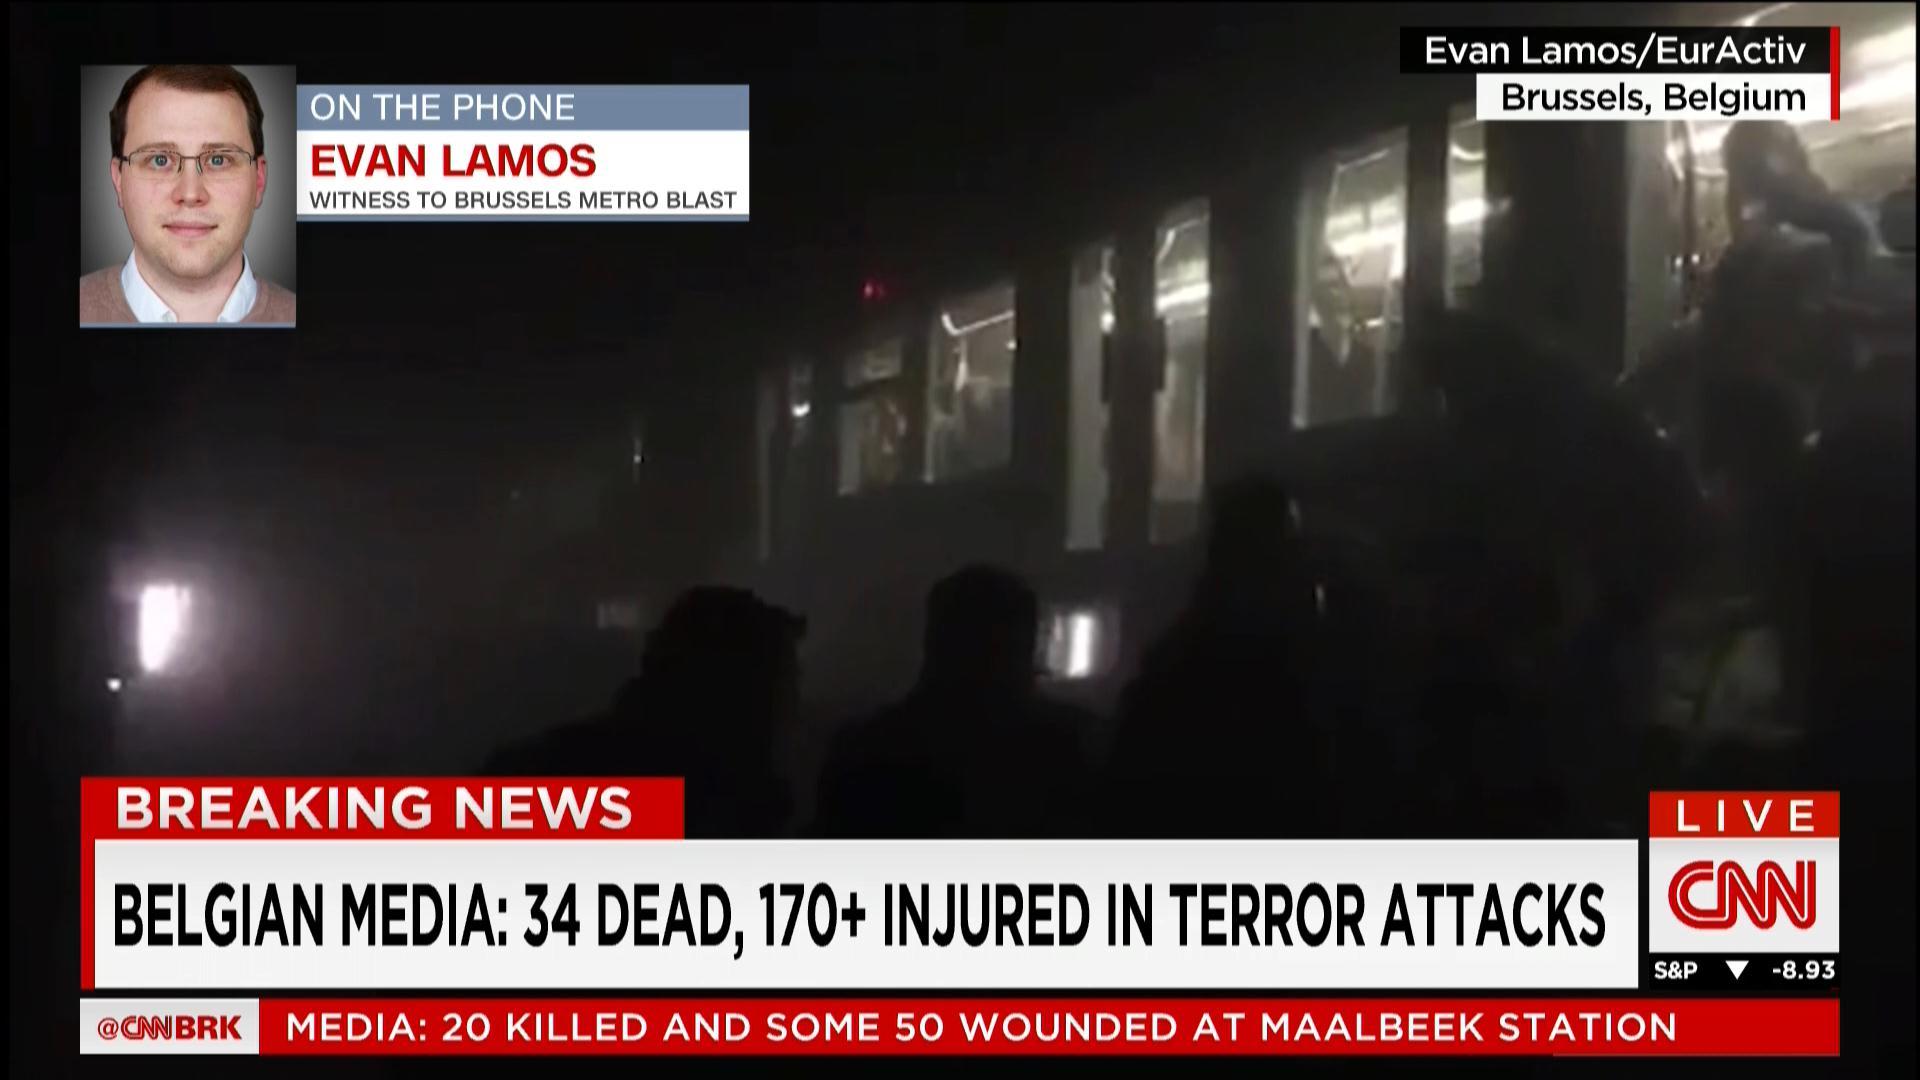 الإعلام البلجيكي: العثور على بندقية كلاشينكوف في المطار وأنباء عن تفجير آخر سُيطر عليه بالمطار بوجود فريق المتفجرات